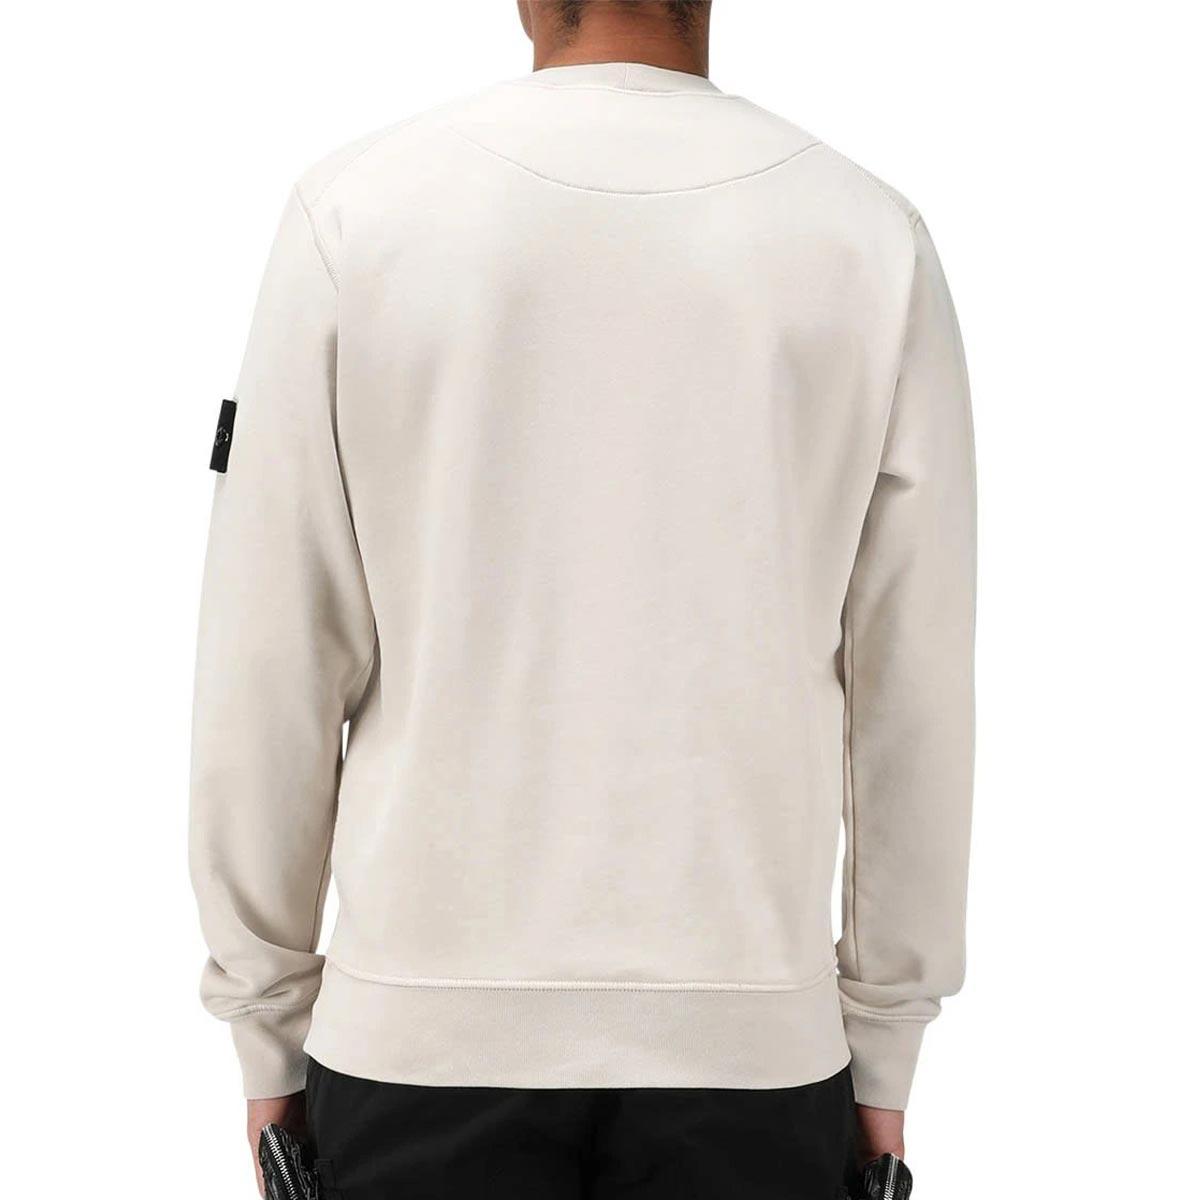 ストーンアイランド スウェット メンズ 正規品 STONE ISLAND トレーナー 無地 FLEECE WHITE FELPA BIANCO 63051 V0001 AB4B B1C C1D D5E E01F ホワイトデー 2021 ラッピング無料